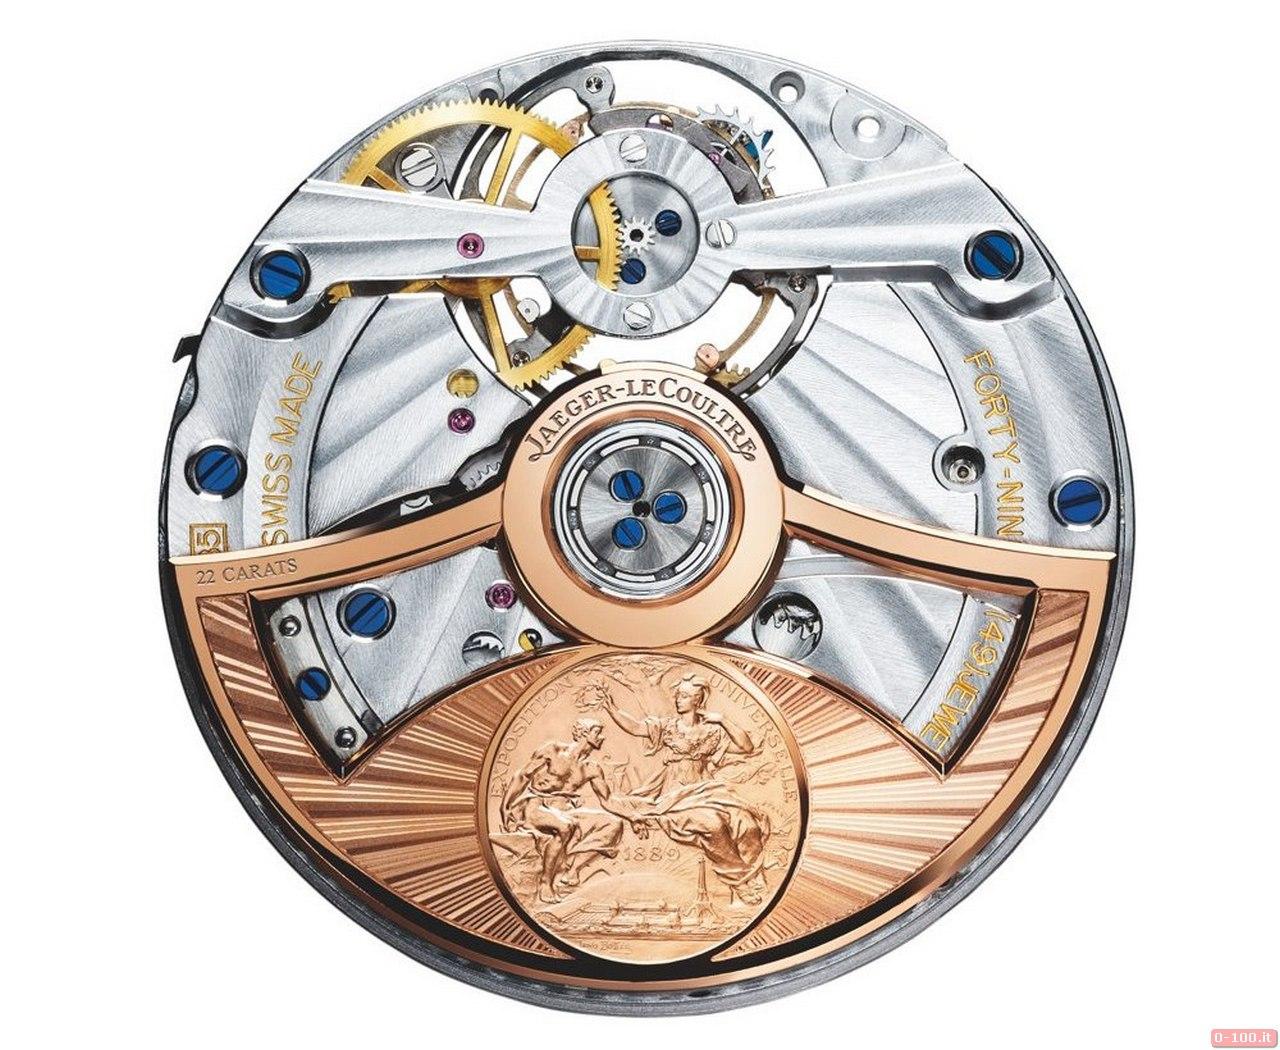 jaeger-lecoultre-master-grande-tradition-tourbillon-cylindrique-quantieme-perpetuel-prezzo-price_0-1004